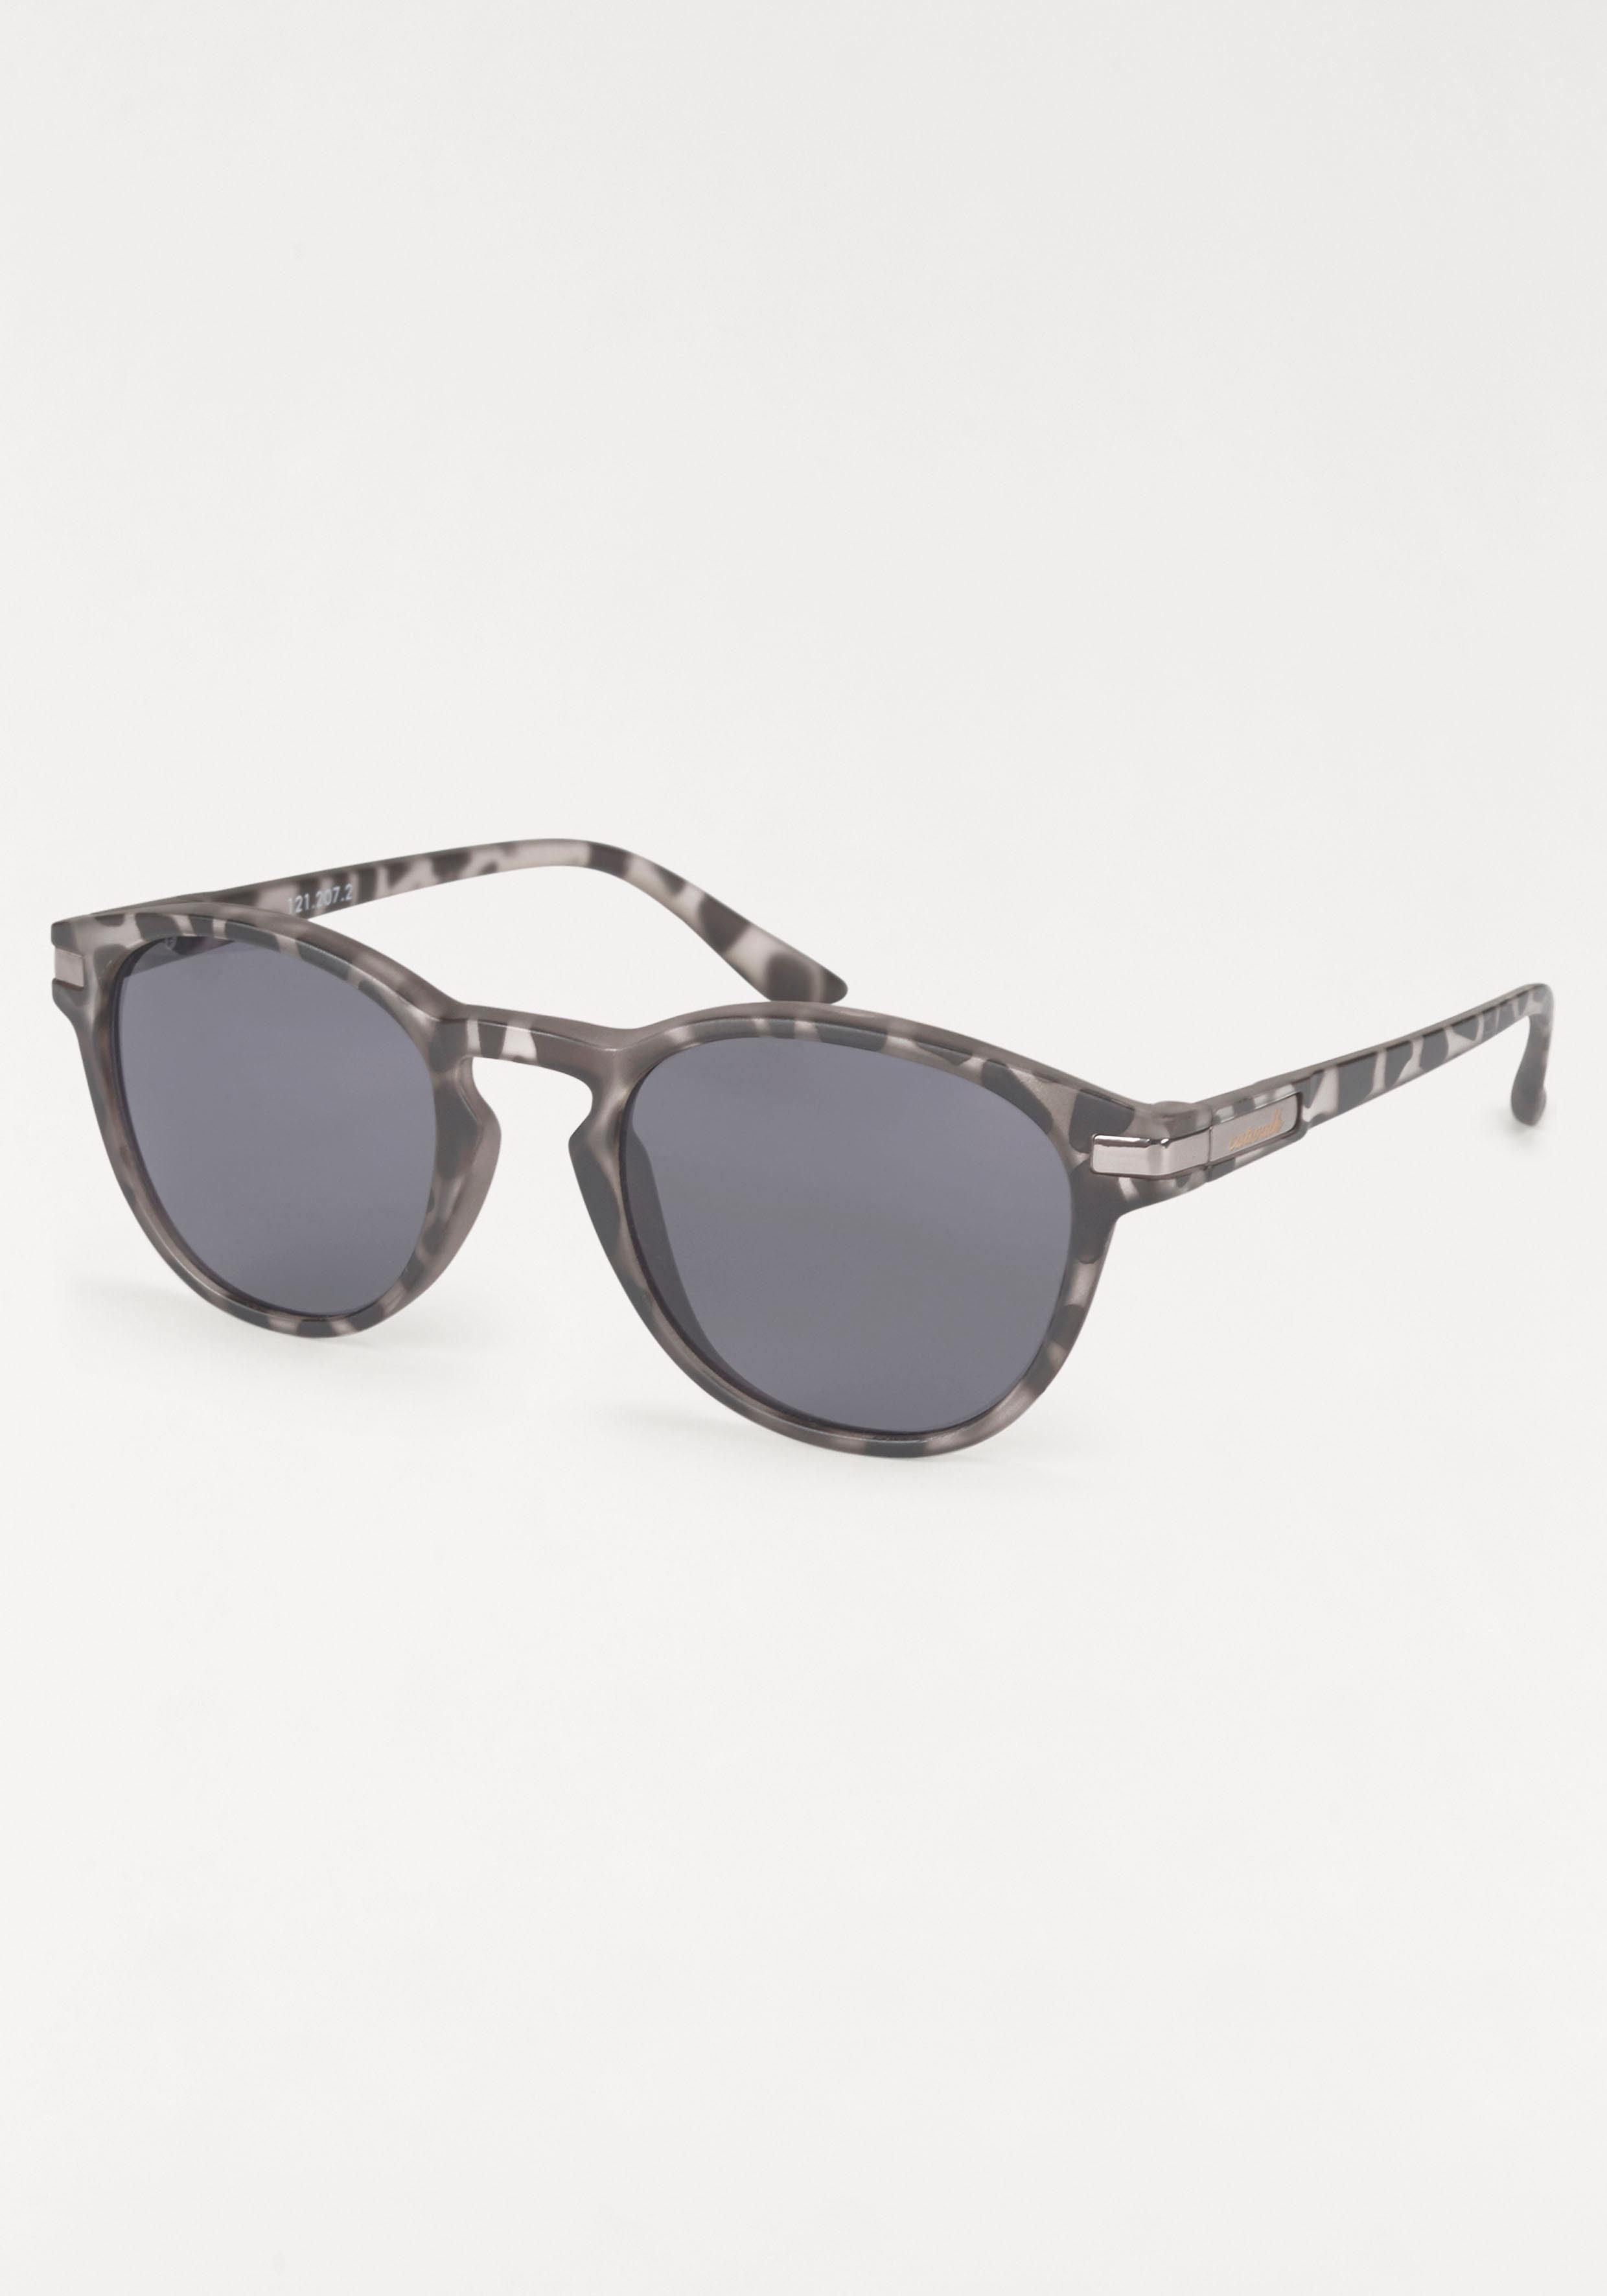 catwalk Eyewear Sonnenbrille im Animal Look